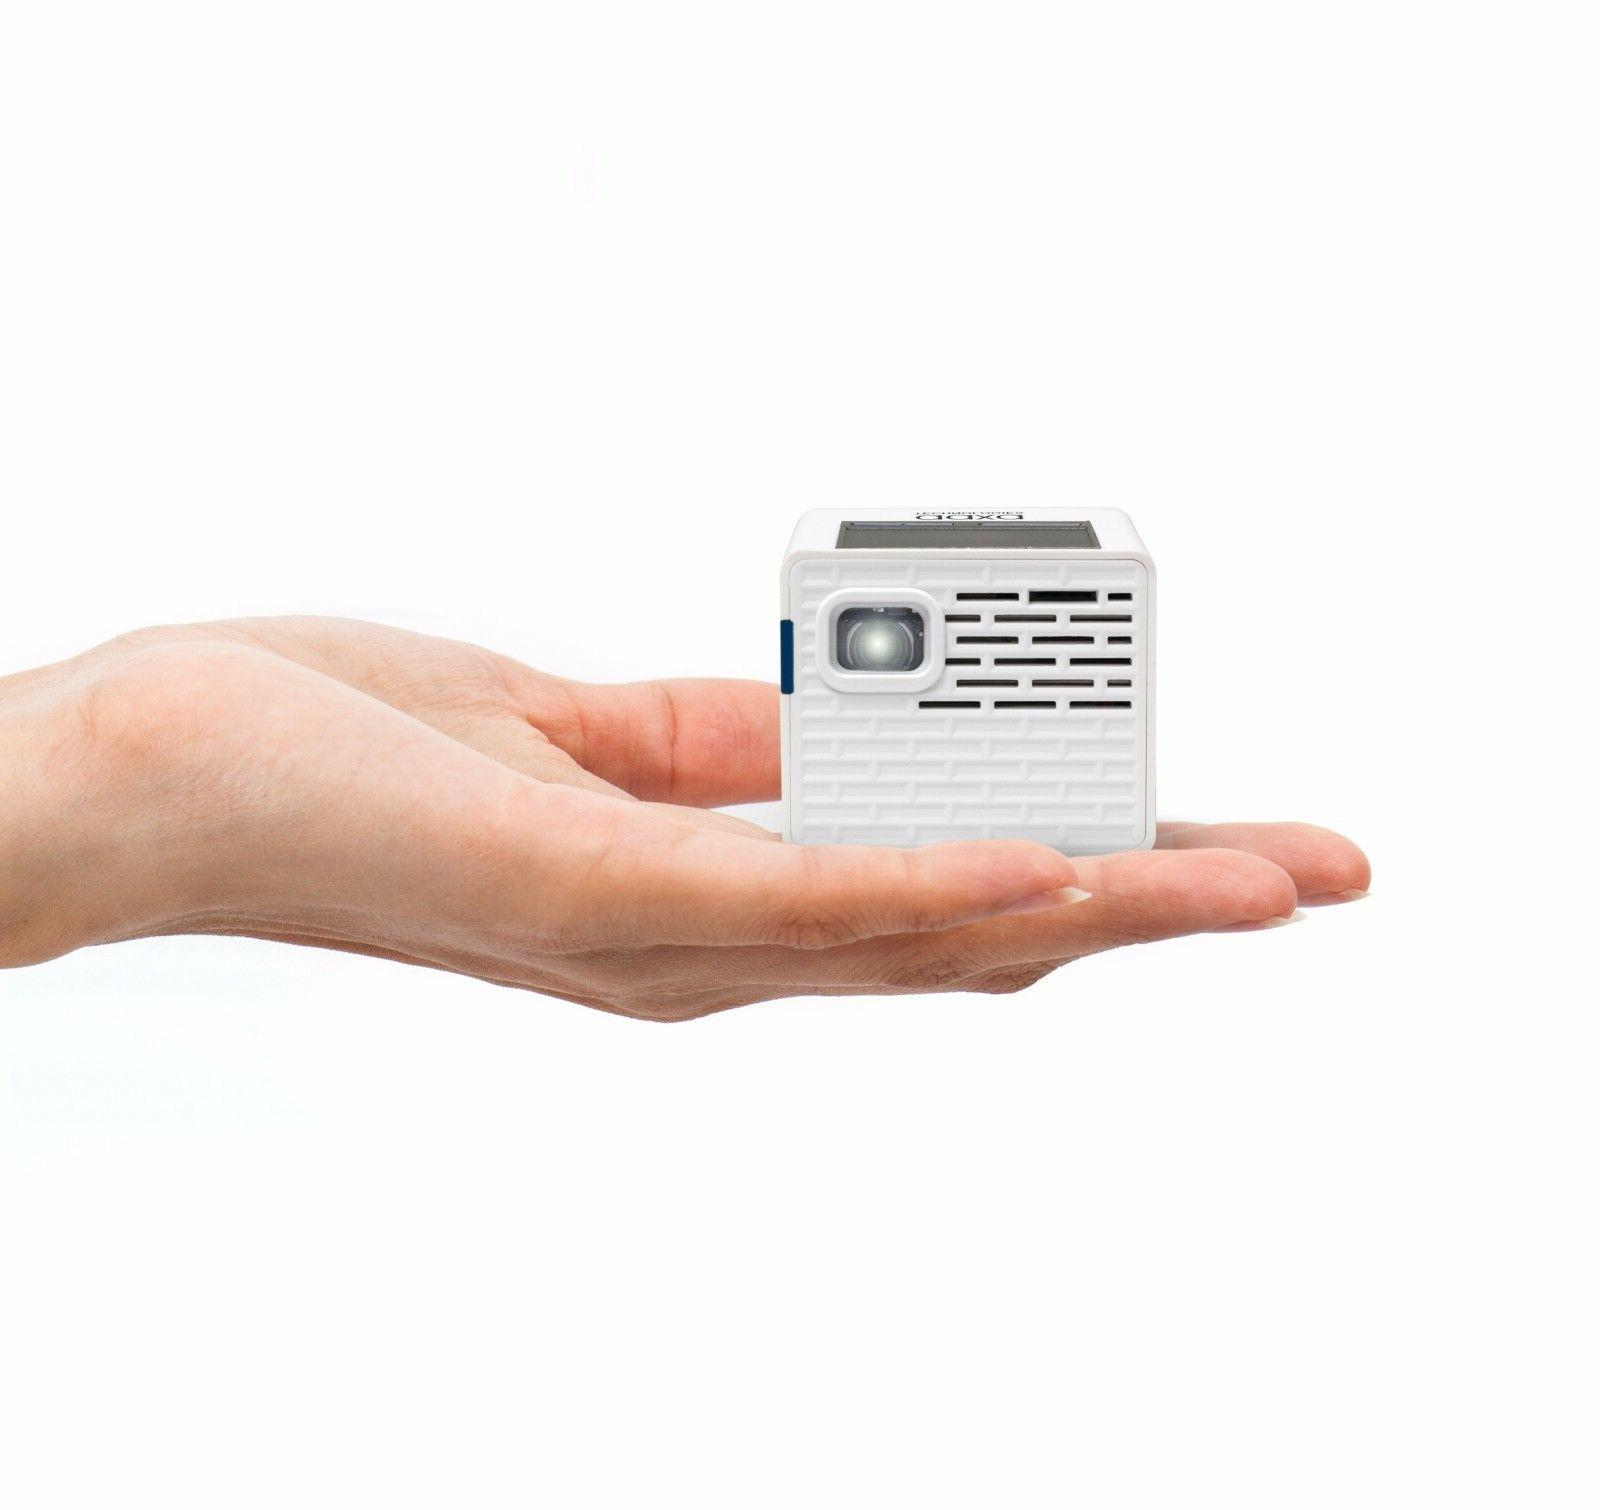 AAXA Pico Wi-Fi Bluetooth Portable Mini